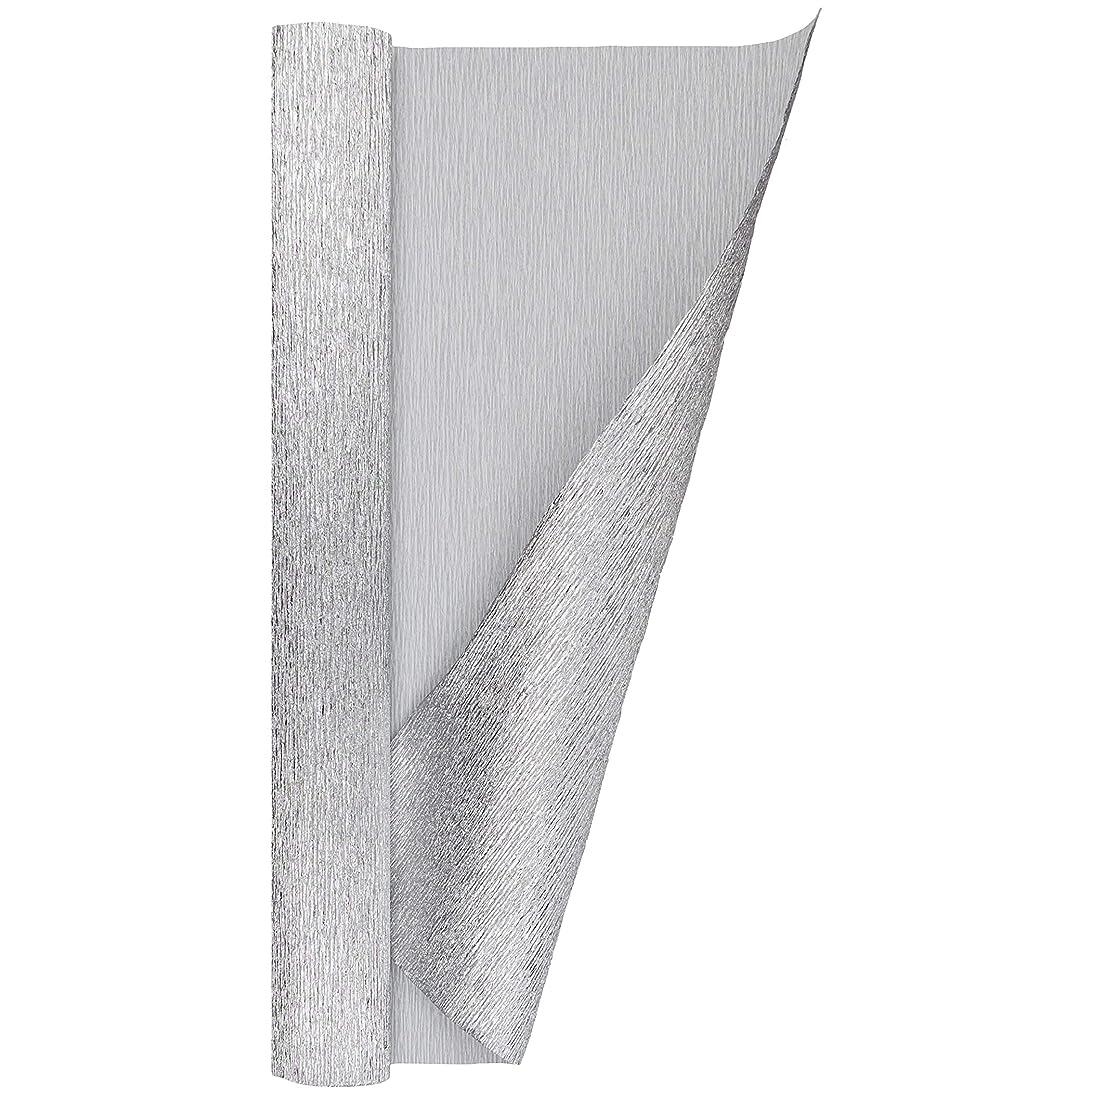 Crepe Paper Roll, Heavy Italian 180 g, 13.3 sqft, Metallic Bicolor Silver & White